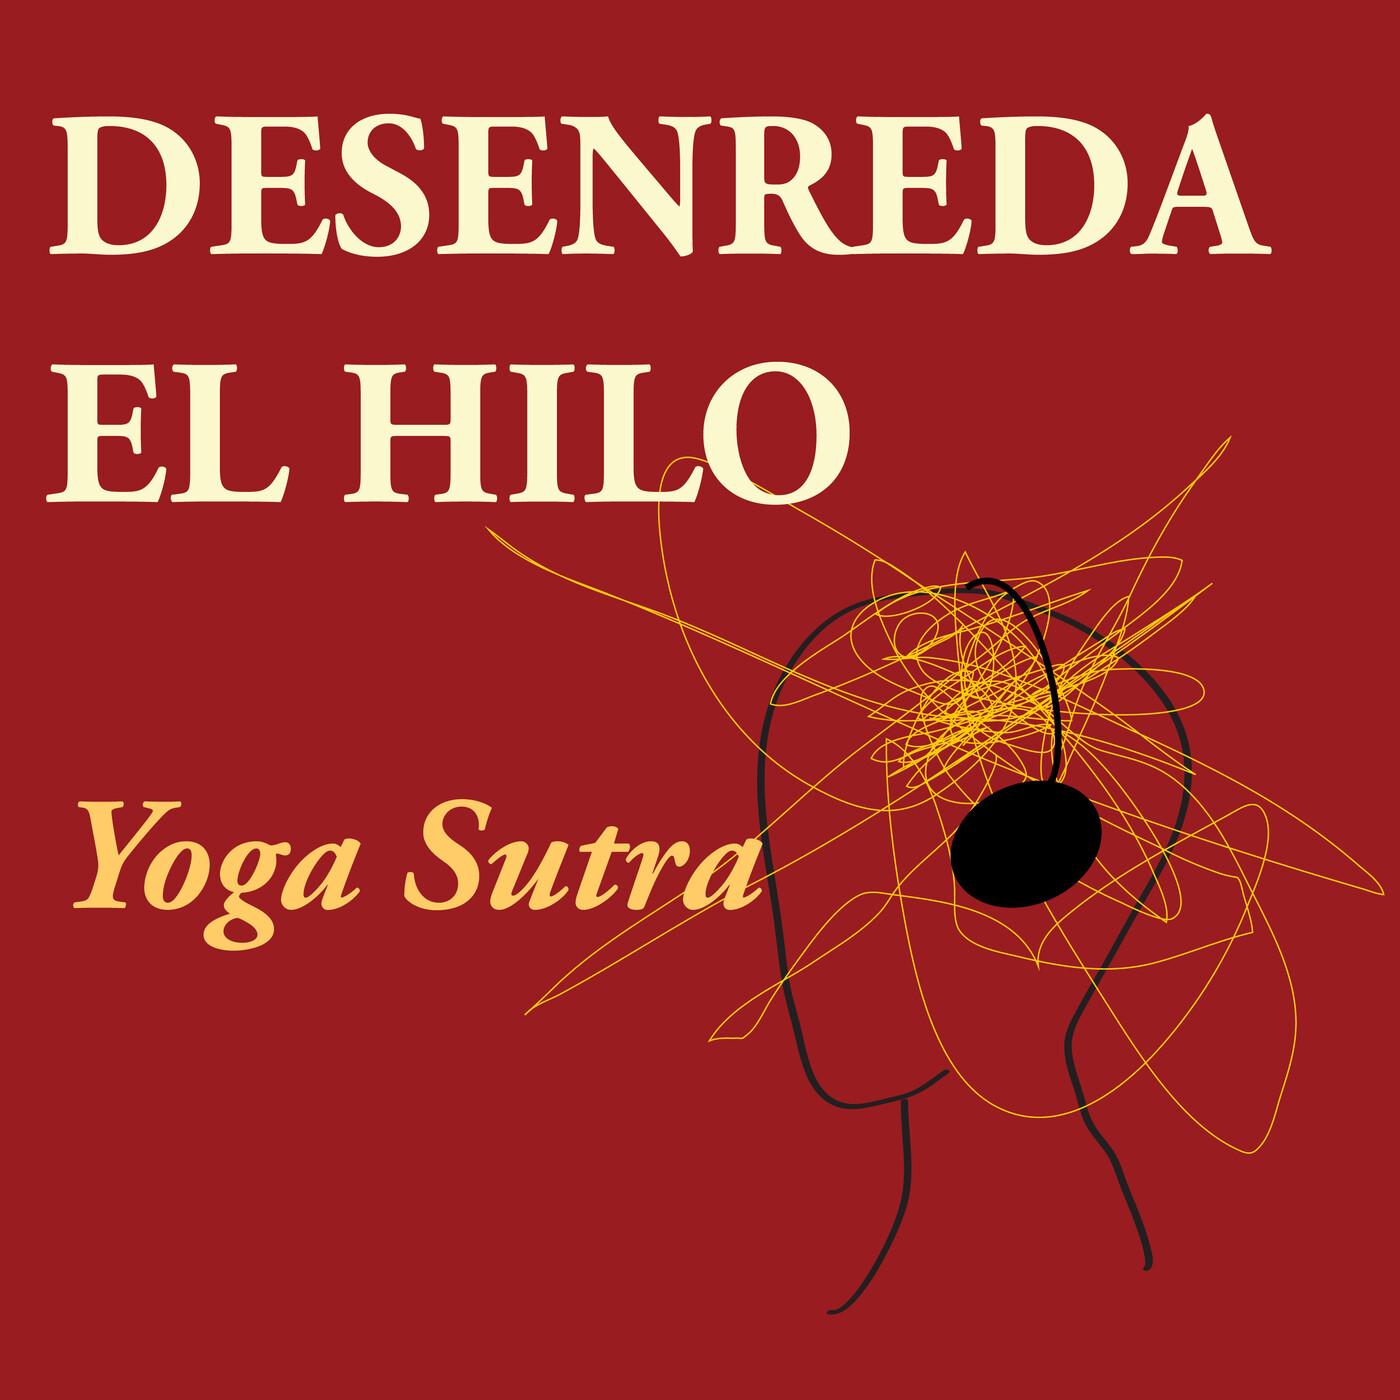 Yoga Sutras 2.30 y 2.31 Los Yamas, Sabias formas de reducir tension